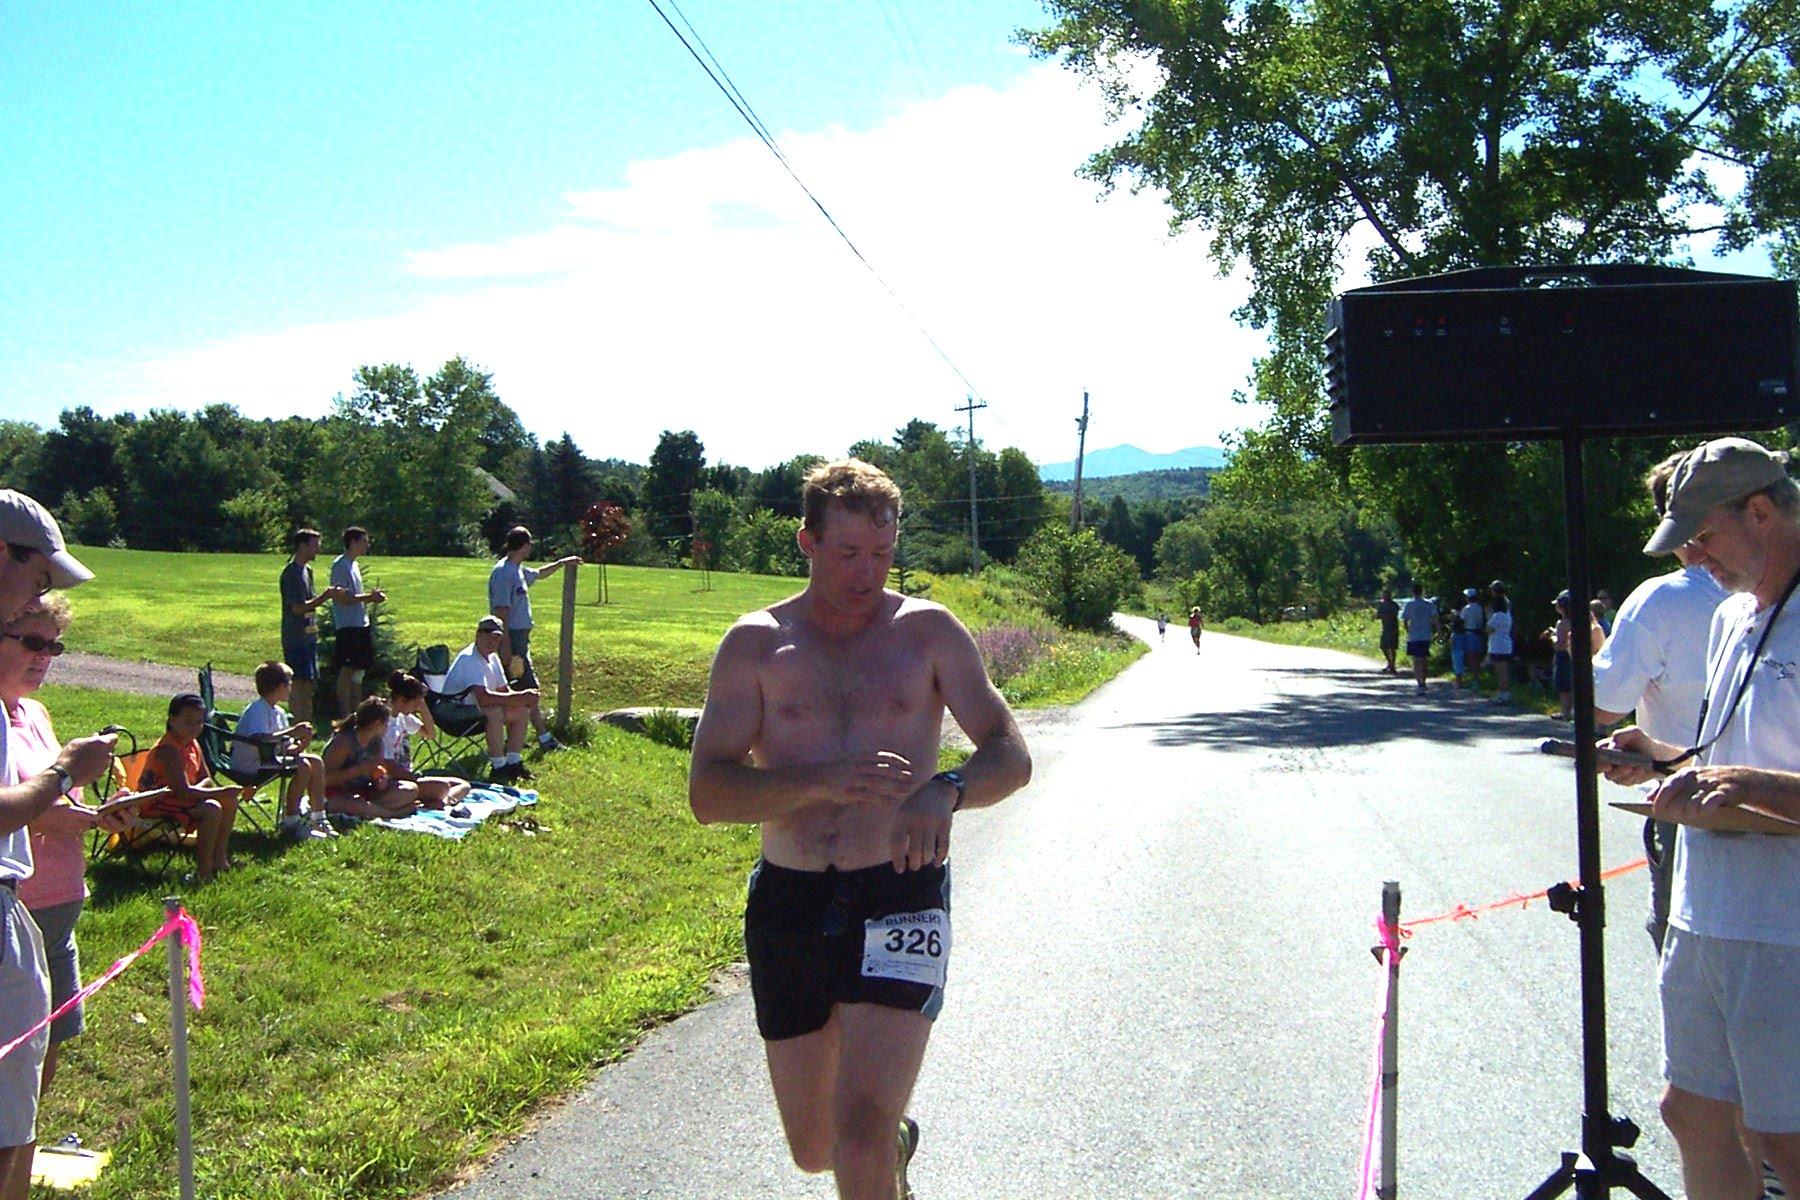 fxegg014 - #326 Mike Bessette 0:20:41 Age Group 30-39 5KR